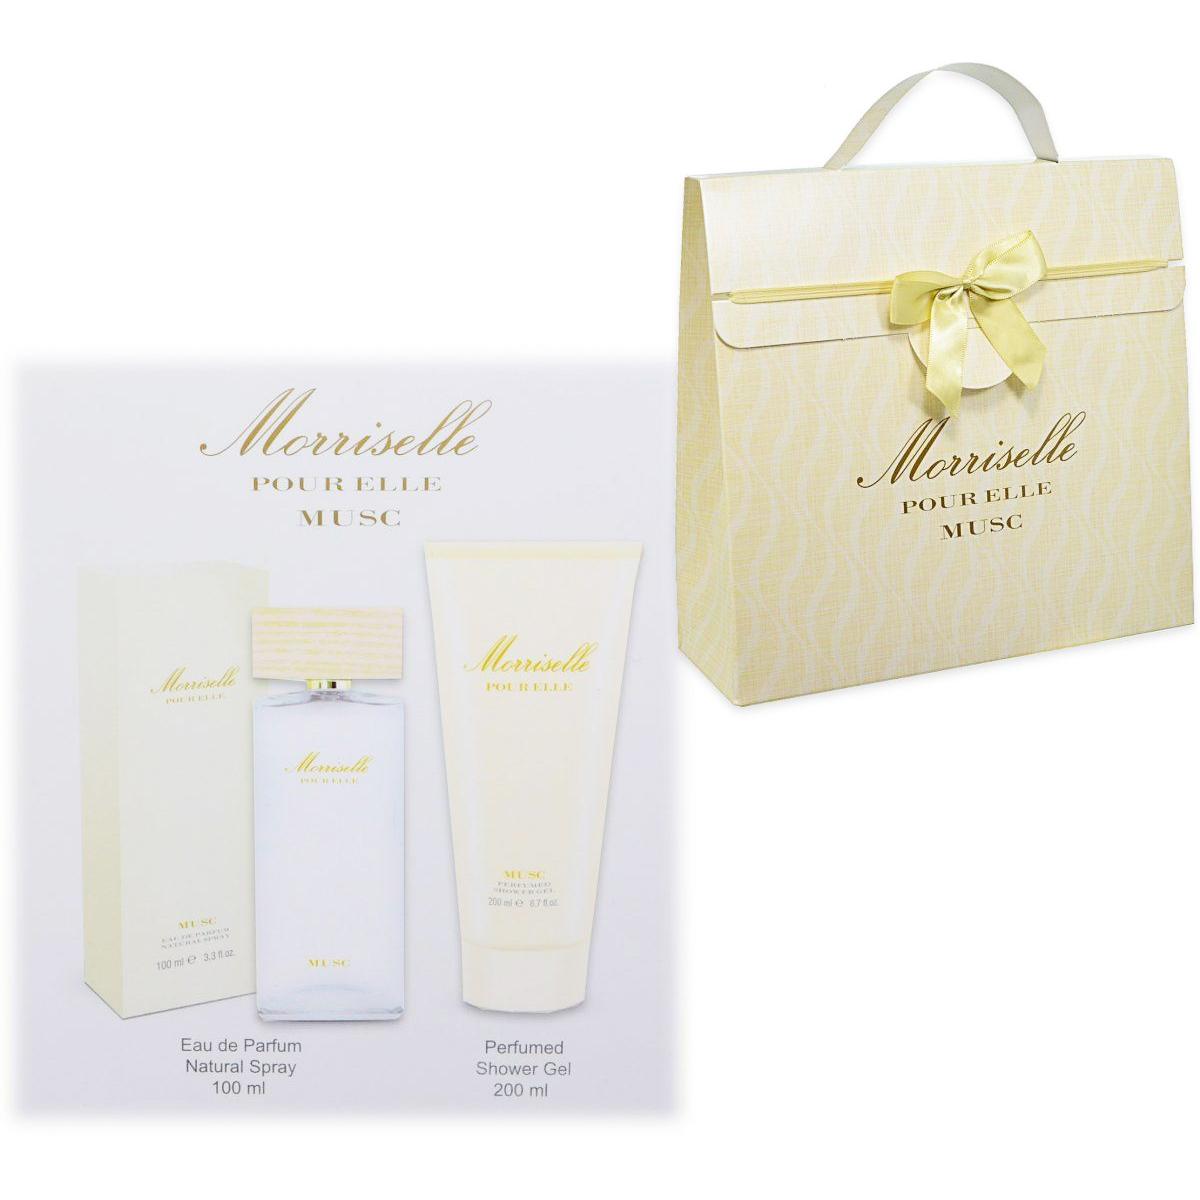 Morris  Cofanetto morriselle pour elle musc  eau de parfum 100 ml  body shower gel 200 ml